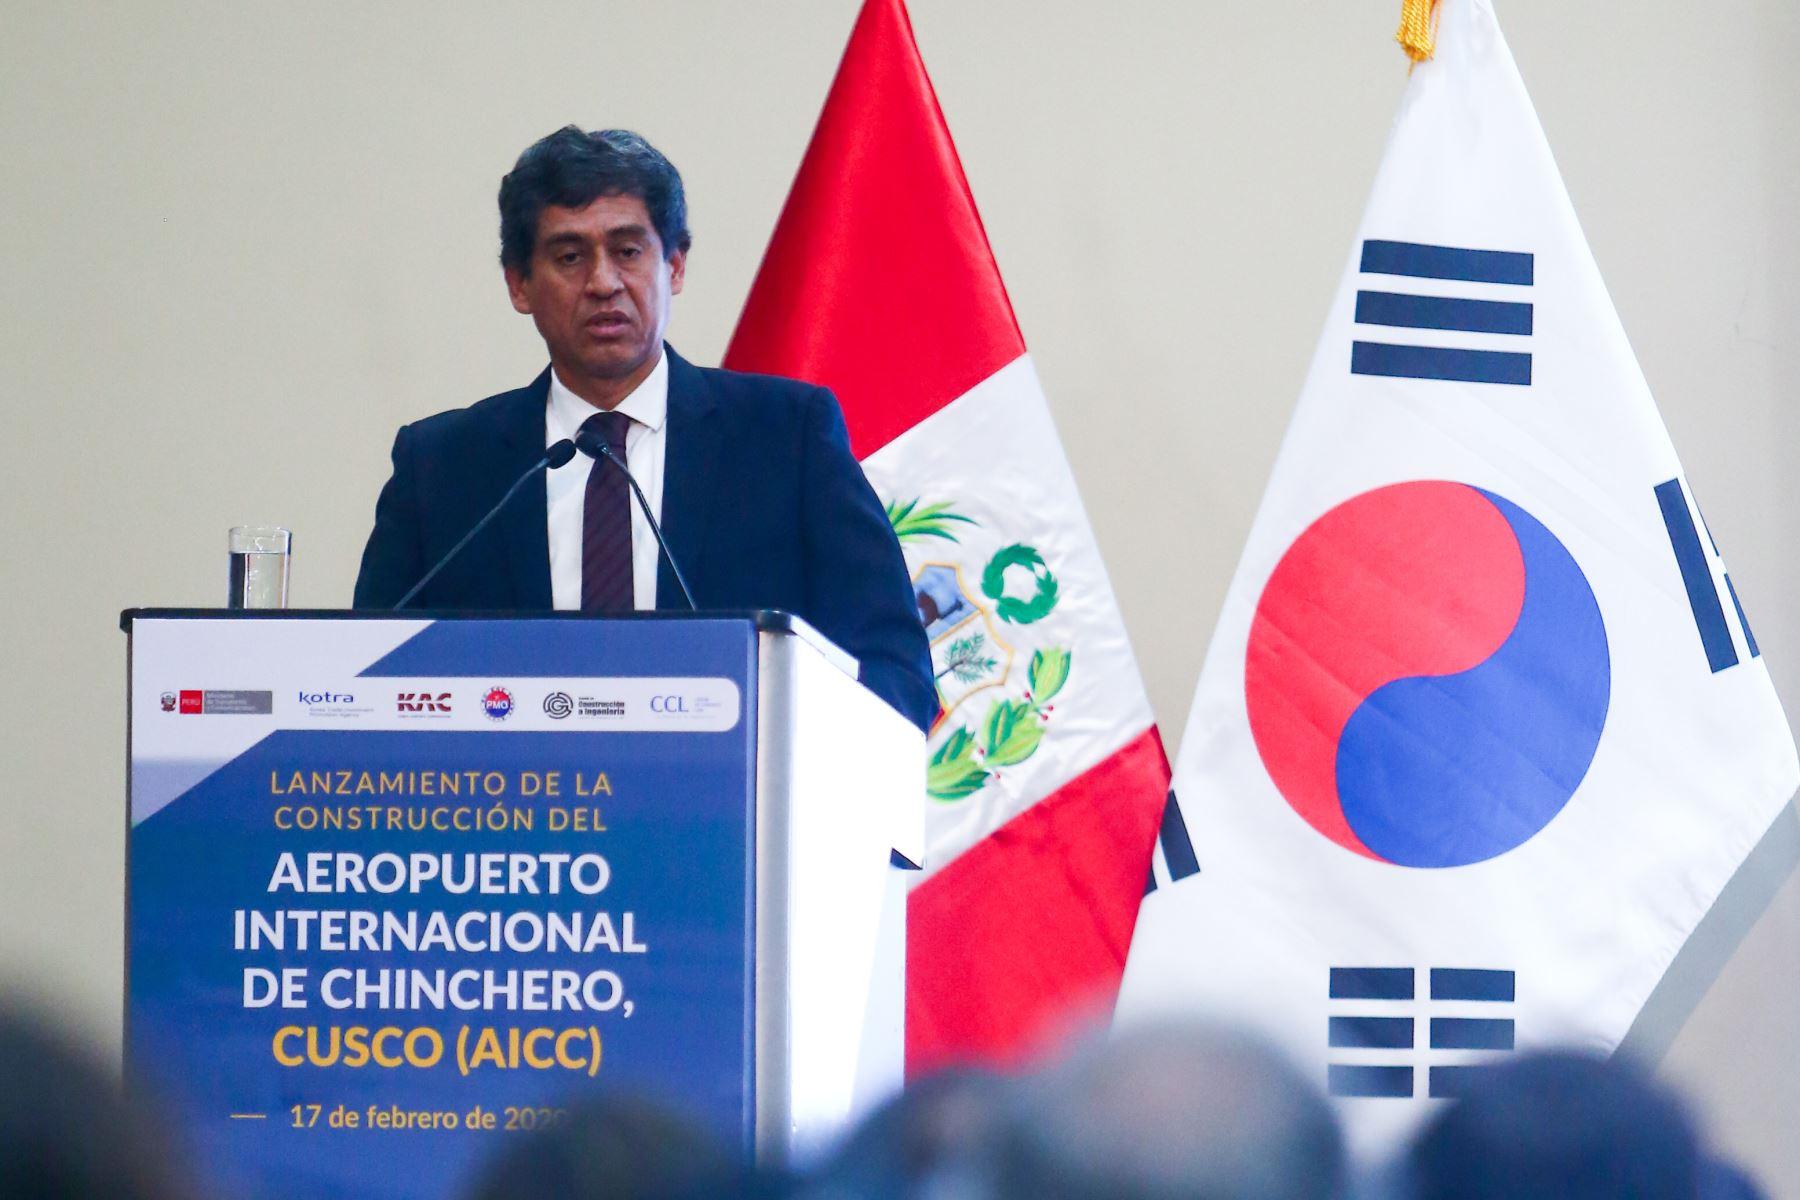 Ministro de Transportes y Comunicaciones, Carlos Lozada, destaca que el Aeropuerto Internacional de Chinchero fomentará el desarrollo económico del Cusco. Foto: ANDINA/ Jhonel Rodríguez